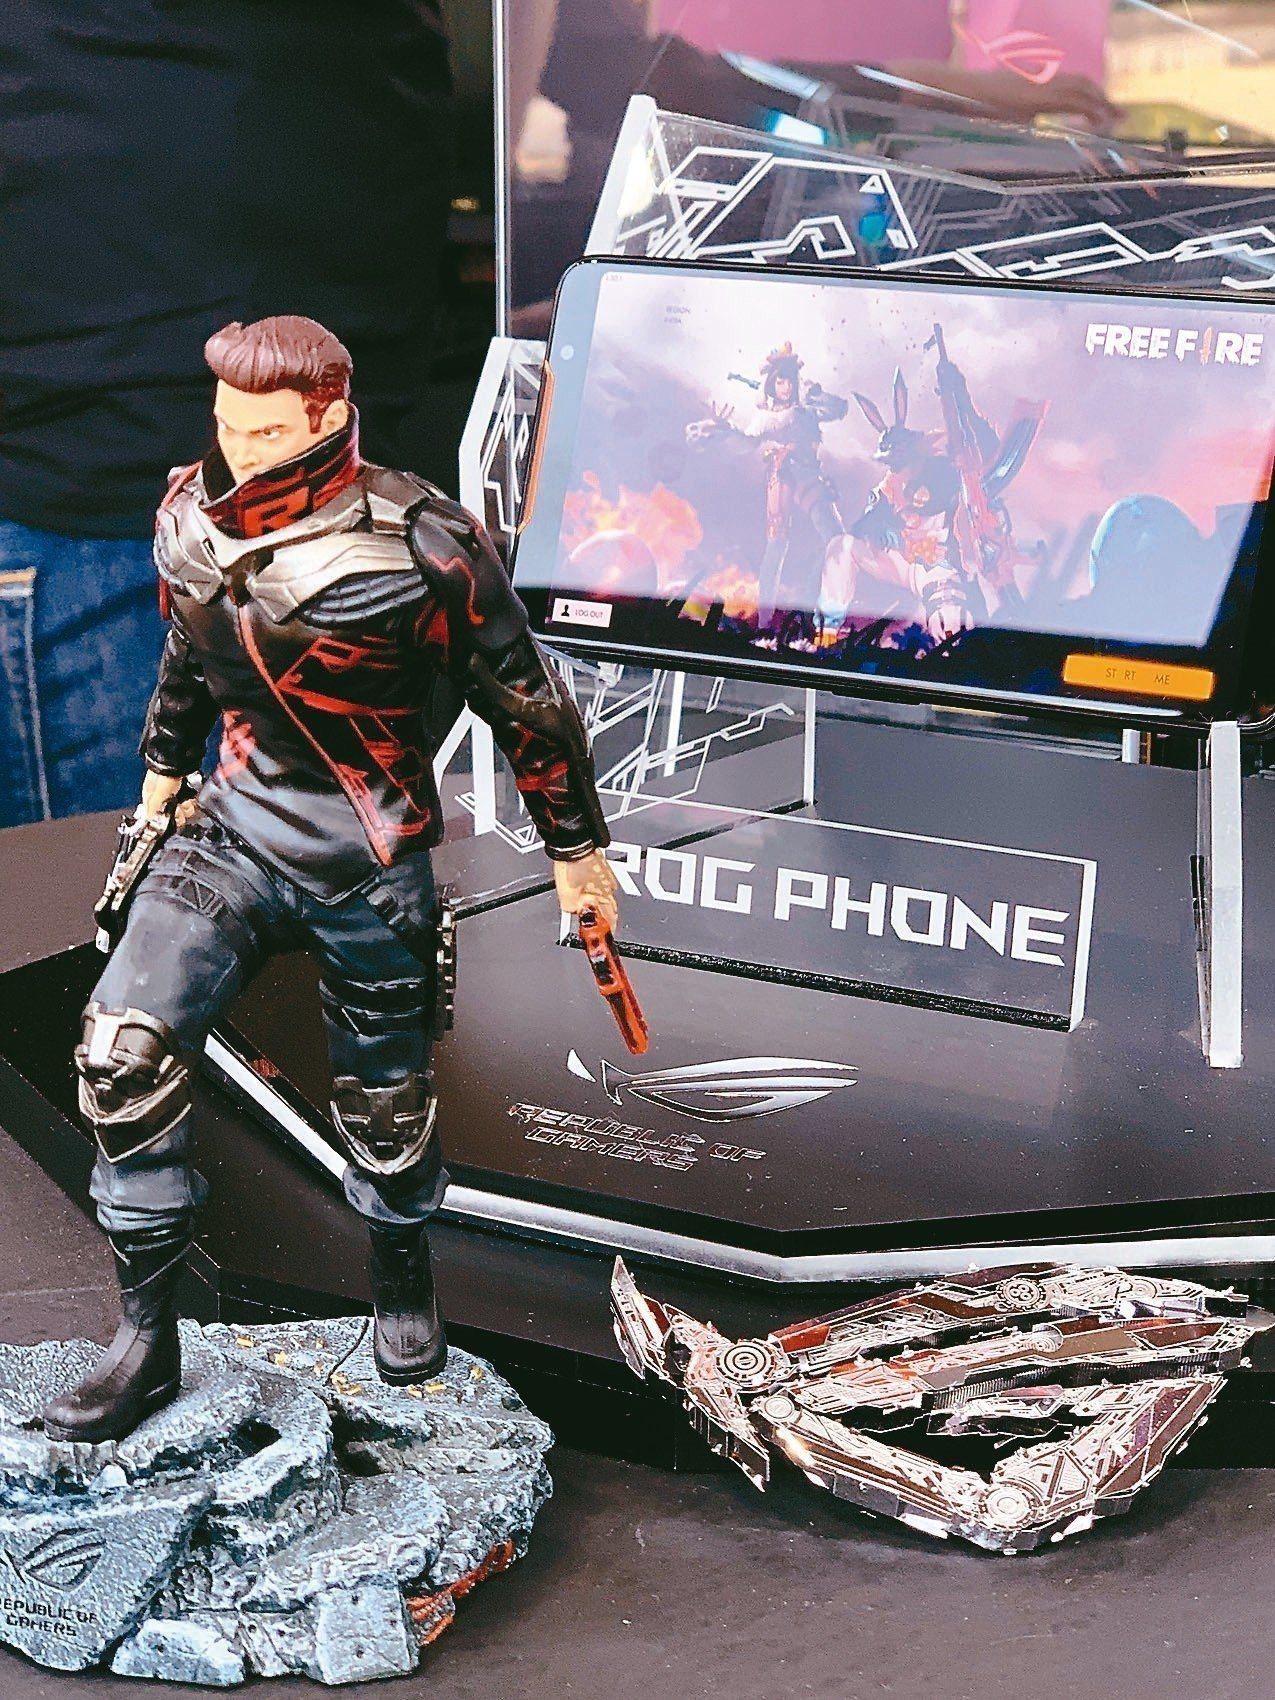 華碩ROG Phone。 記者馬瑞璿/攝影